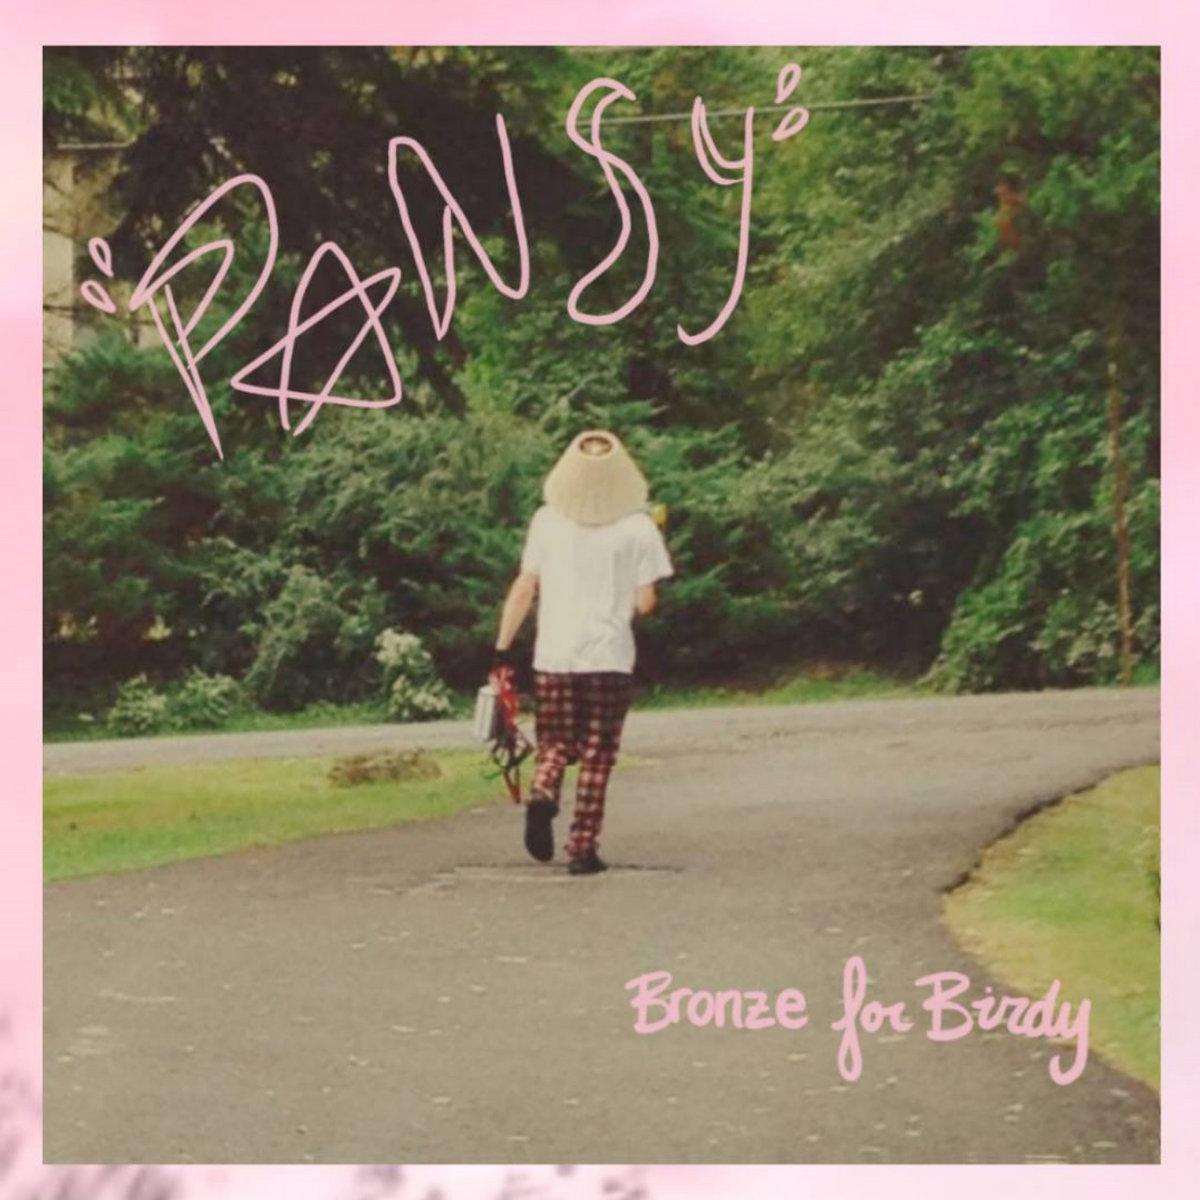 BONUS - Improv - Cliche Heartbroken Love Song | Bronze for Birdy